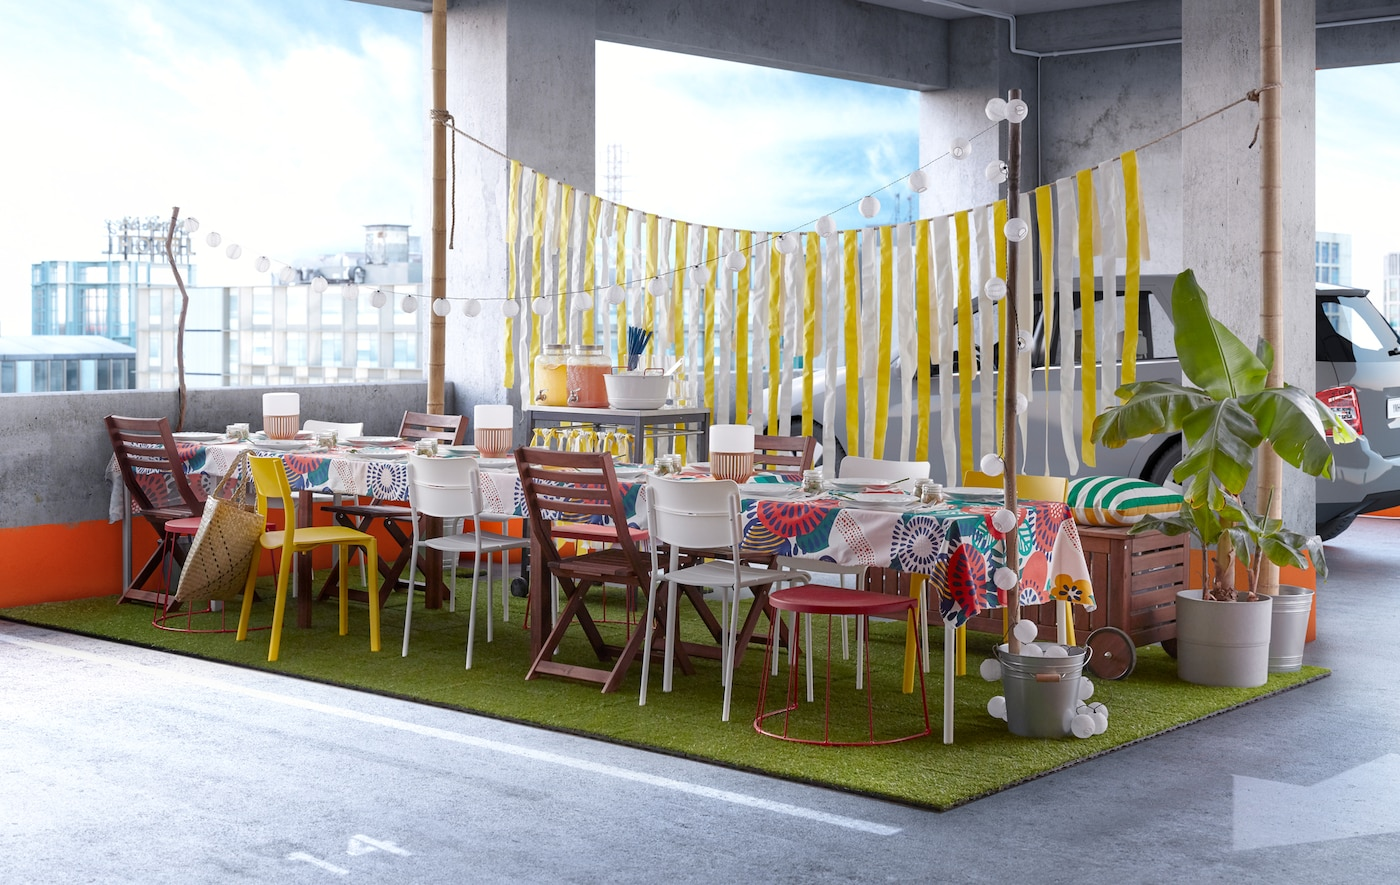 Mise en place d'une fête extérieure dans un stationnement étagé.